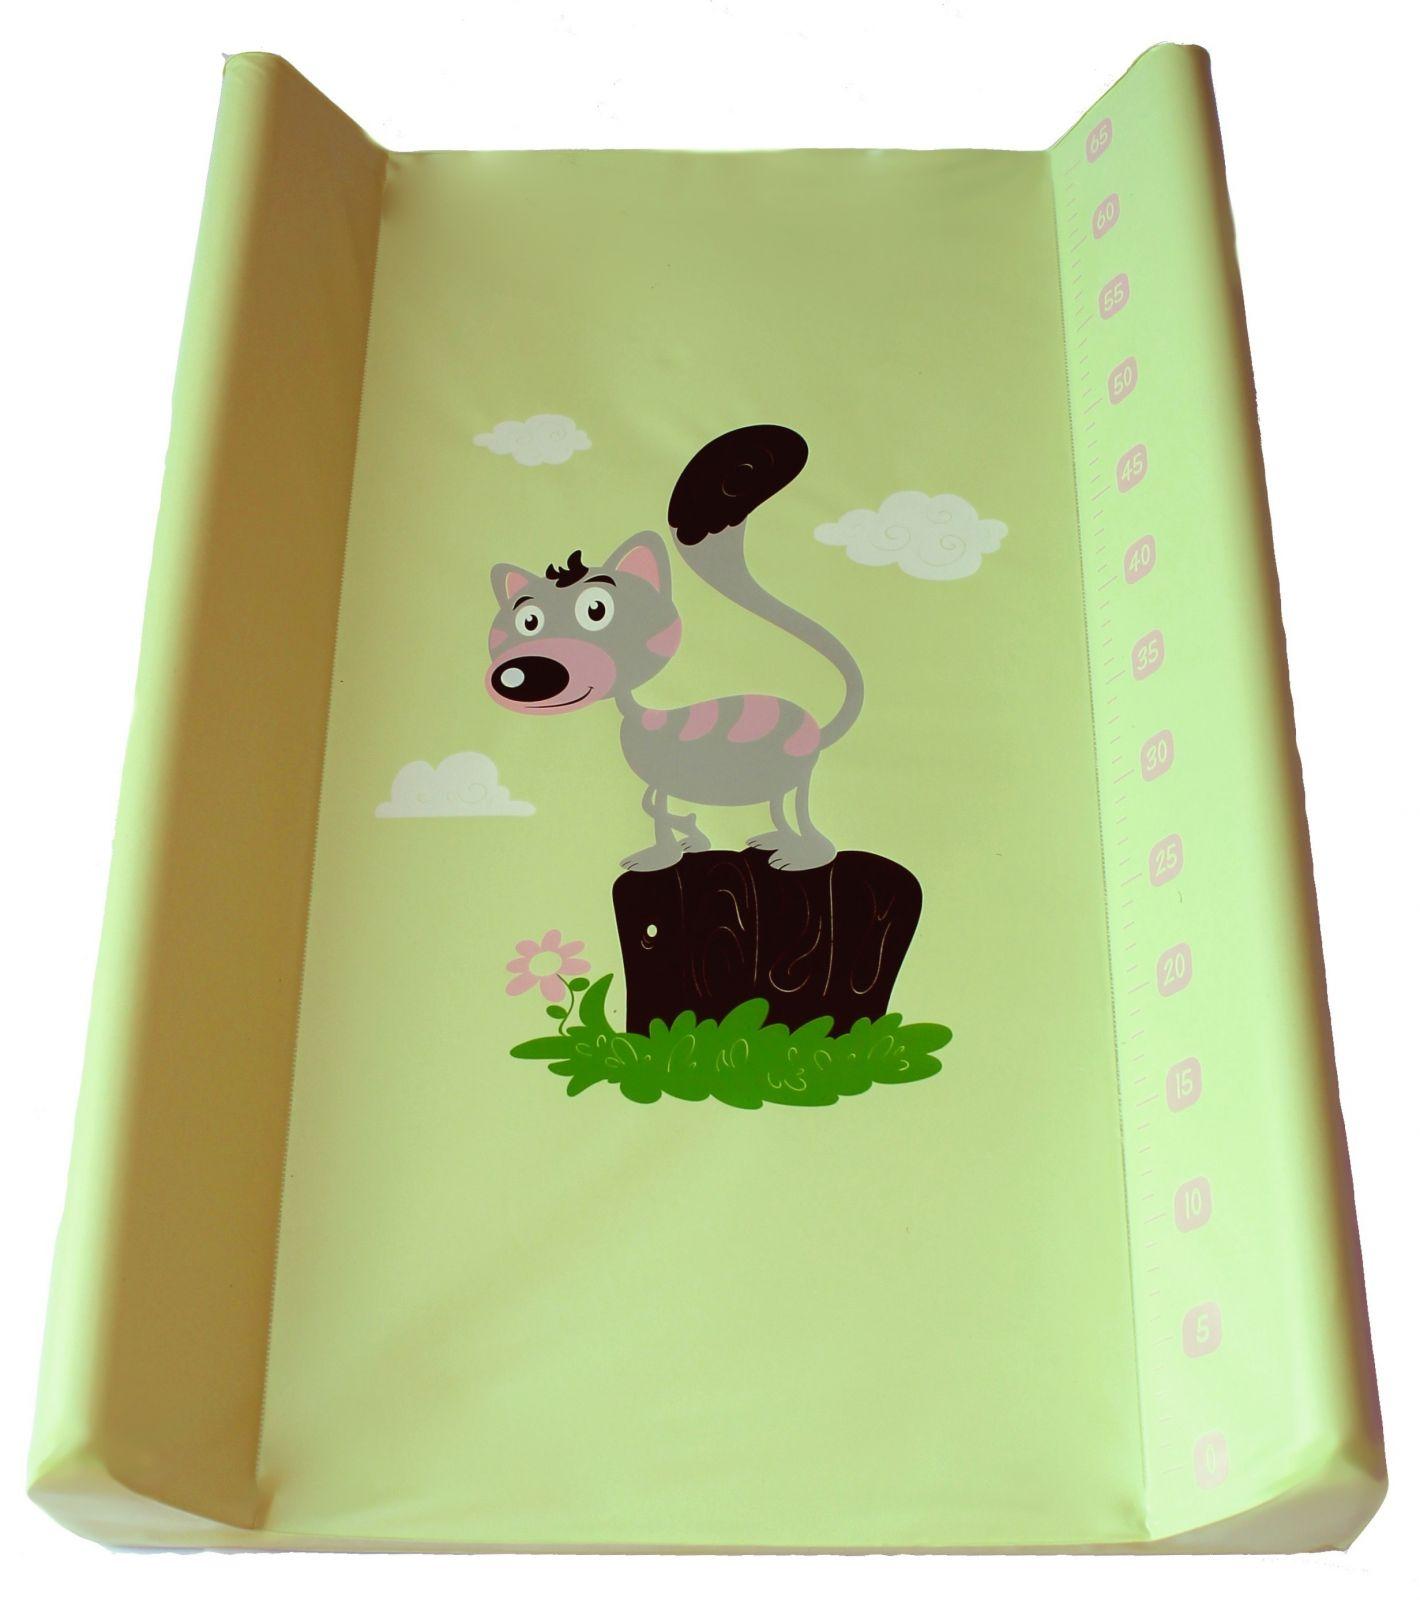 Přebalovací podložka Baby sky tvrdá 50x80 cm zelená kotě